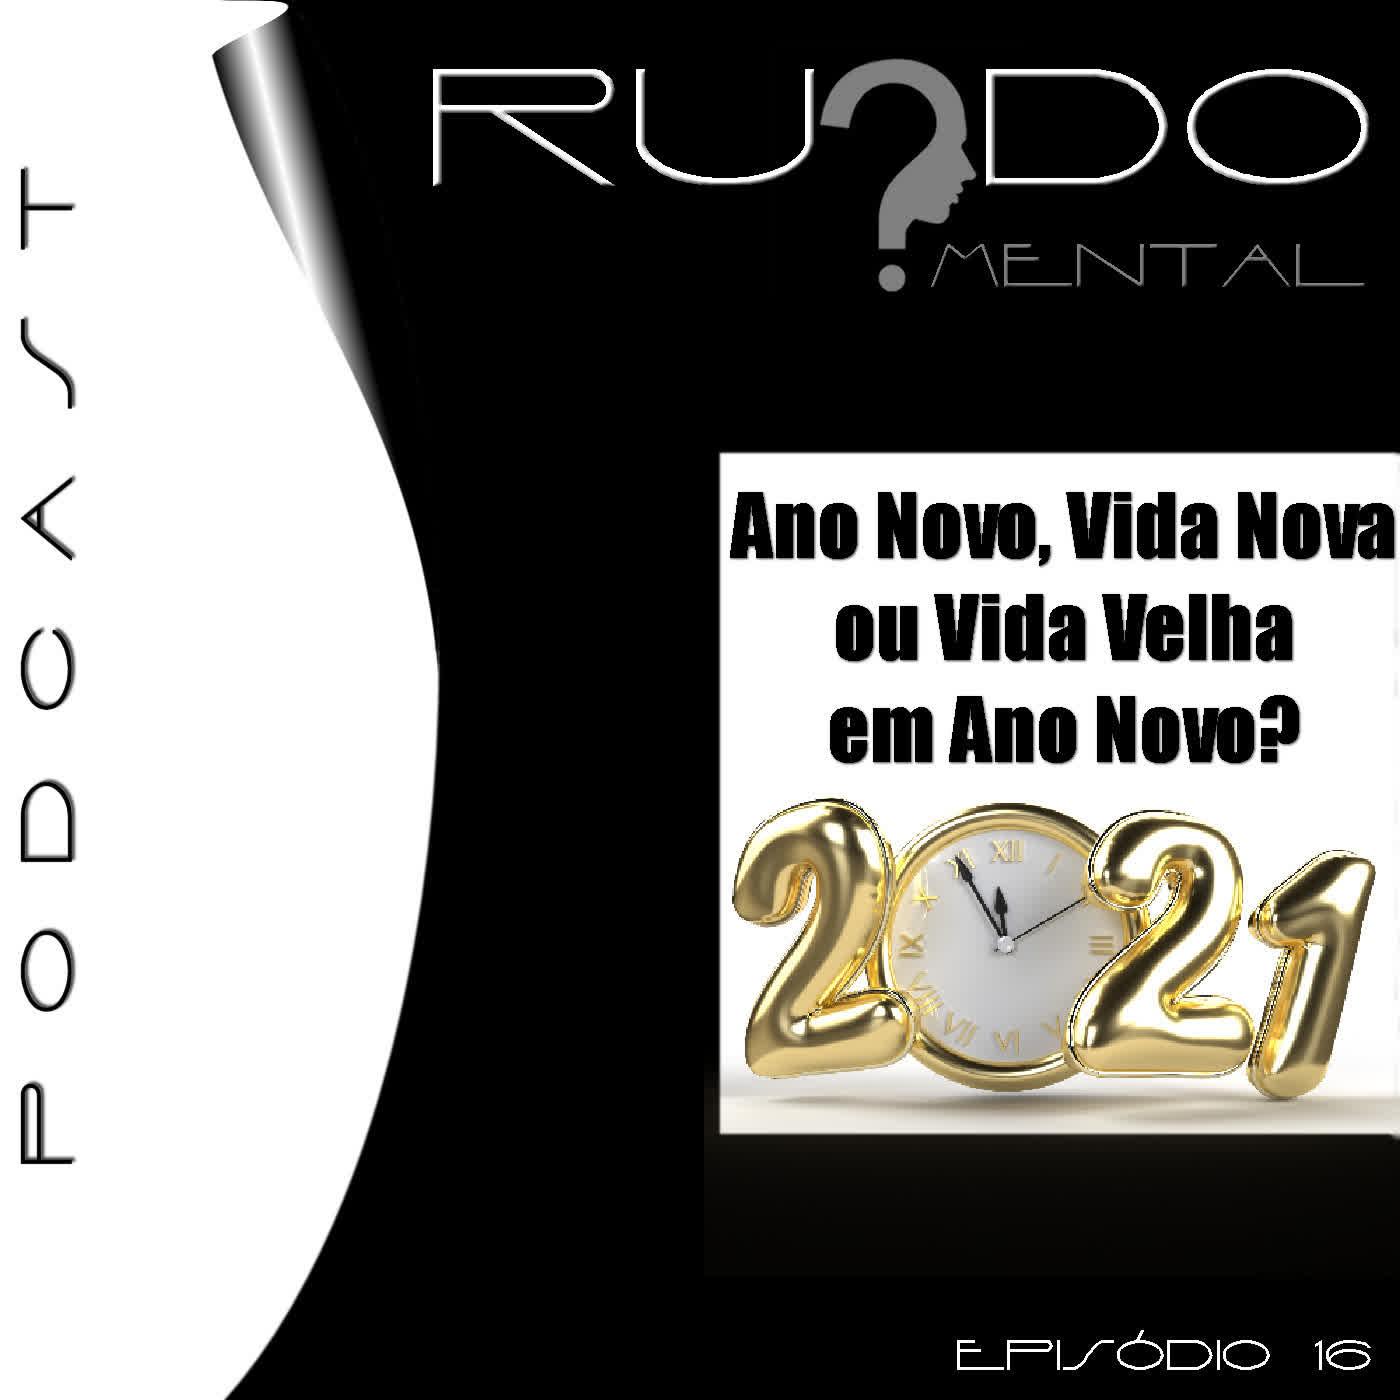 # 16 - Ano Novo, Vida Nova ou Vida Velha em Ano Novo?